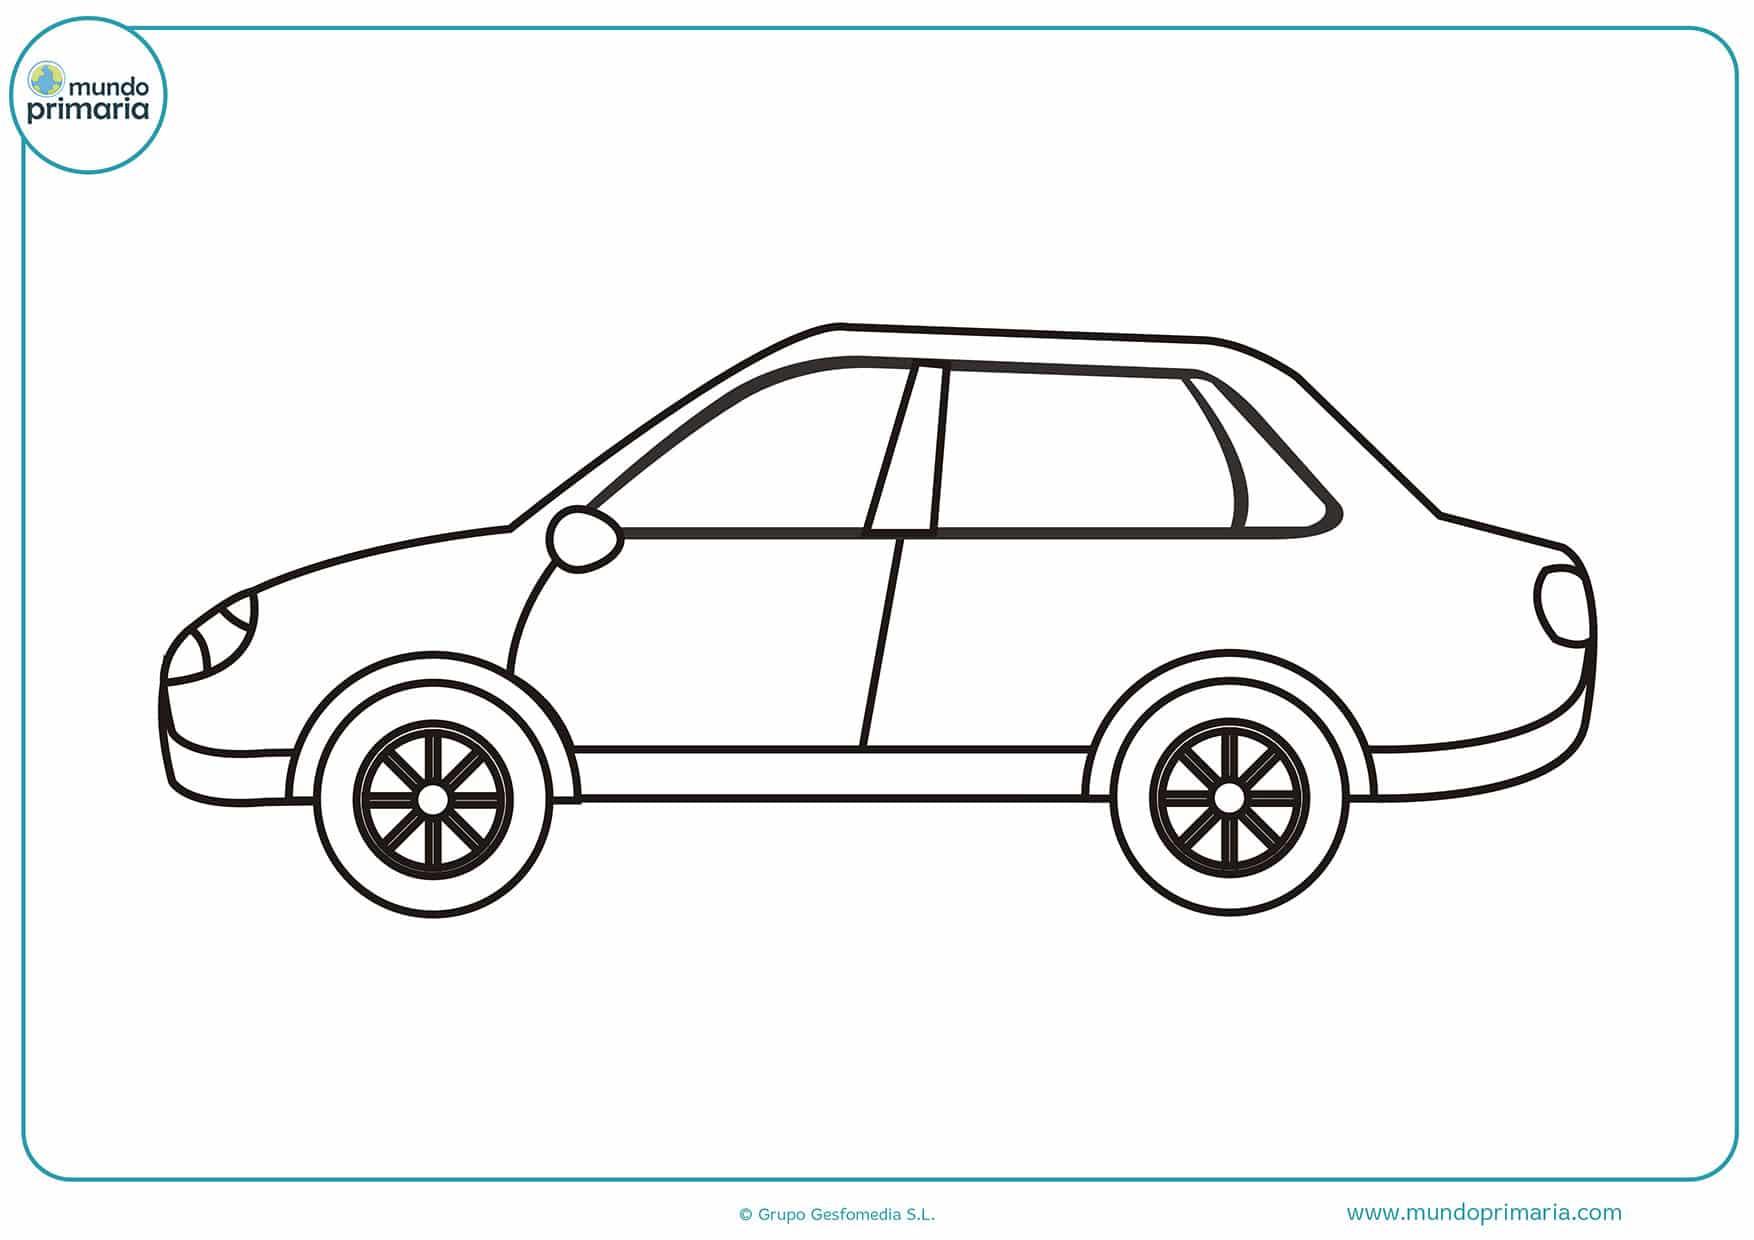 Parte superior dibujos de coches infantiles para colorear - Empapelar coche para pintar ...